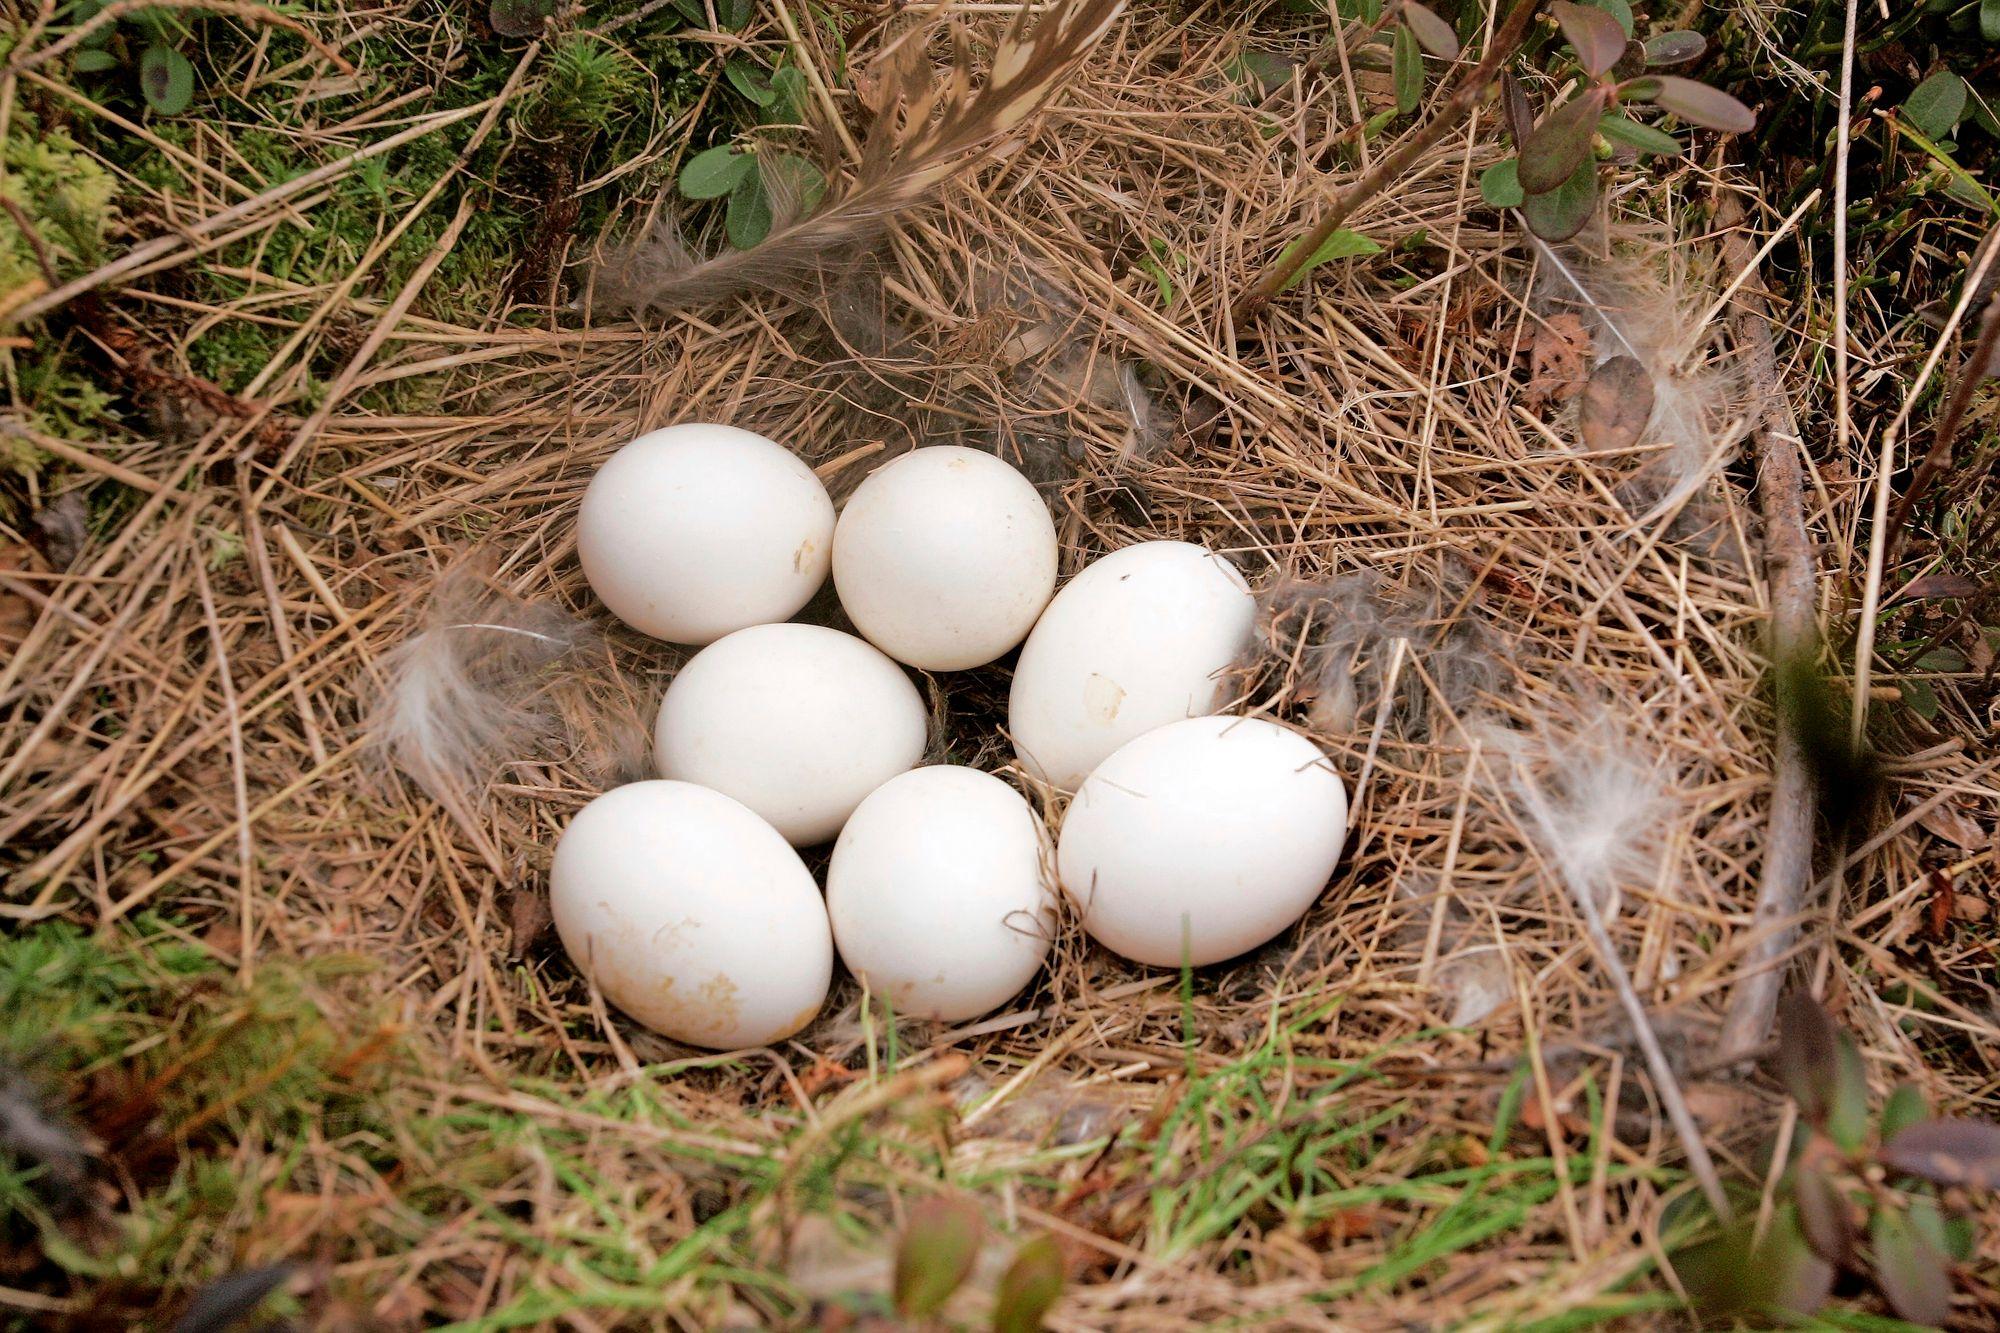 Suopöllön munat muistuttavat pingispalloja. © Jere Malinen